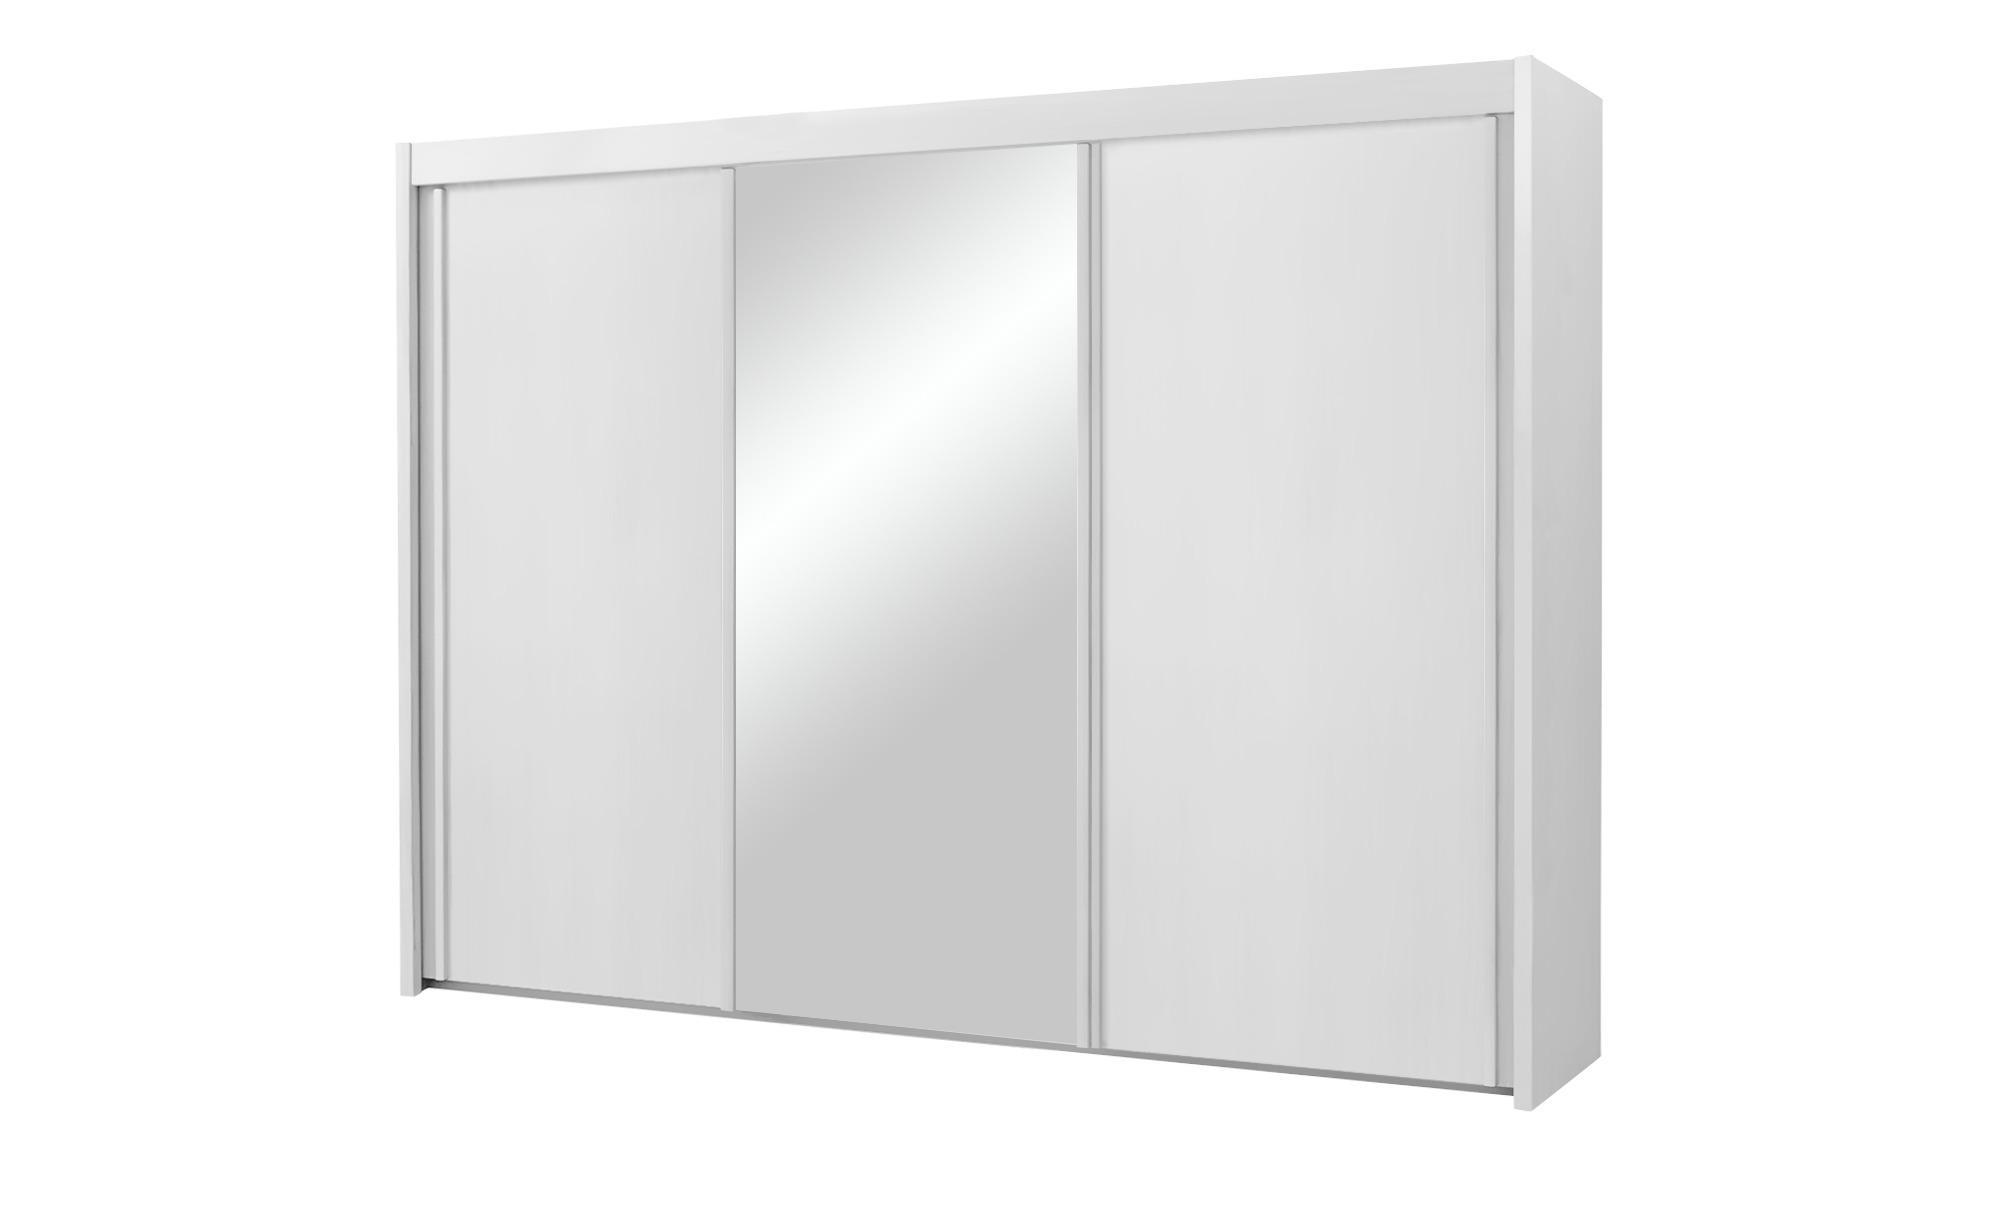 Schwebetürenschrank 3-türig Imperial - weiß - 225 cm - 223 cm - 65 cm - Sconto